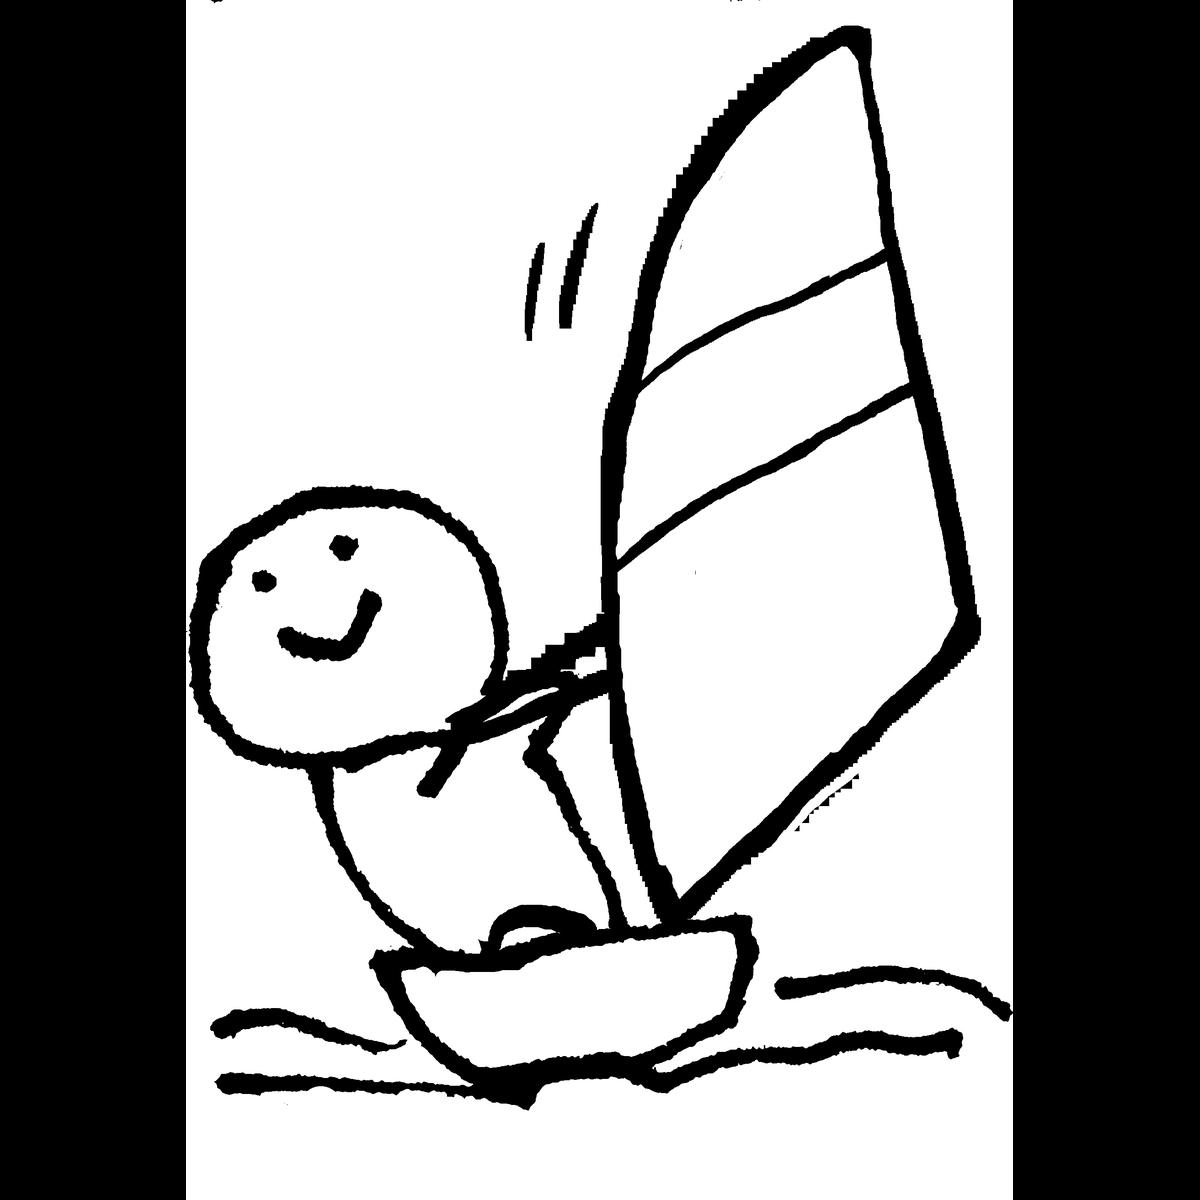 セーリング/ヨットのイラスト Sailing